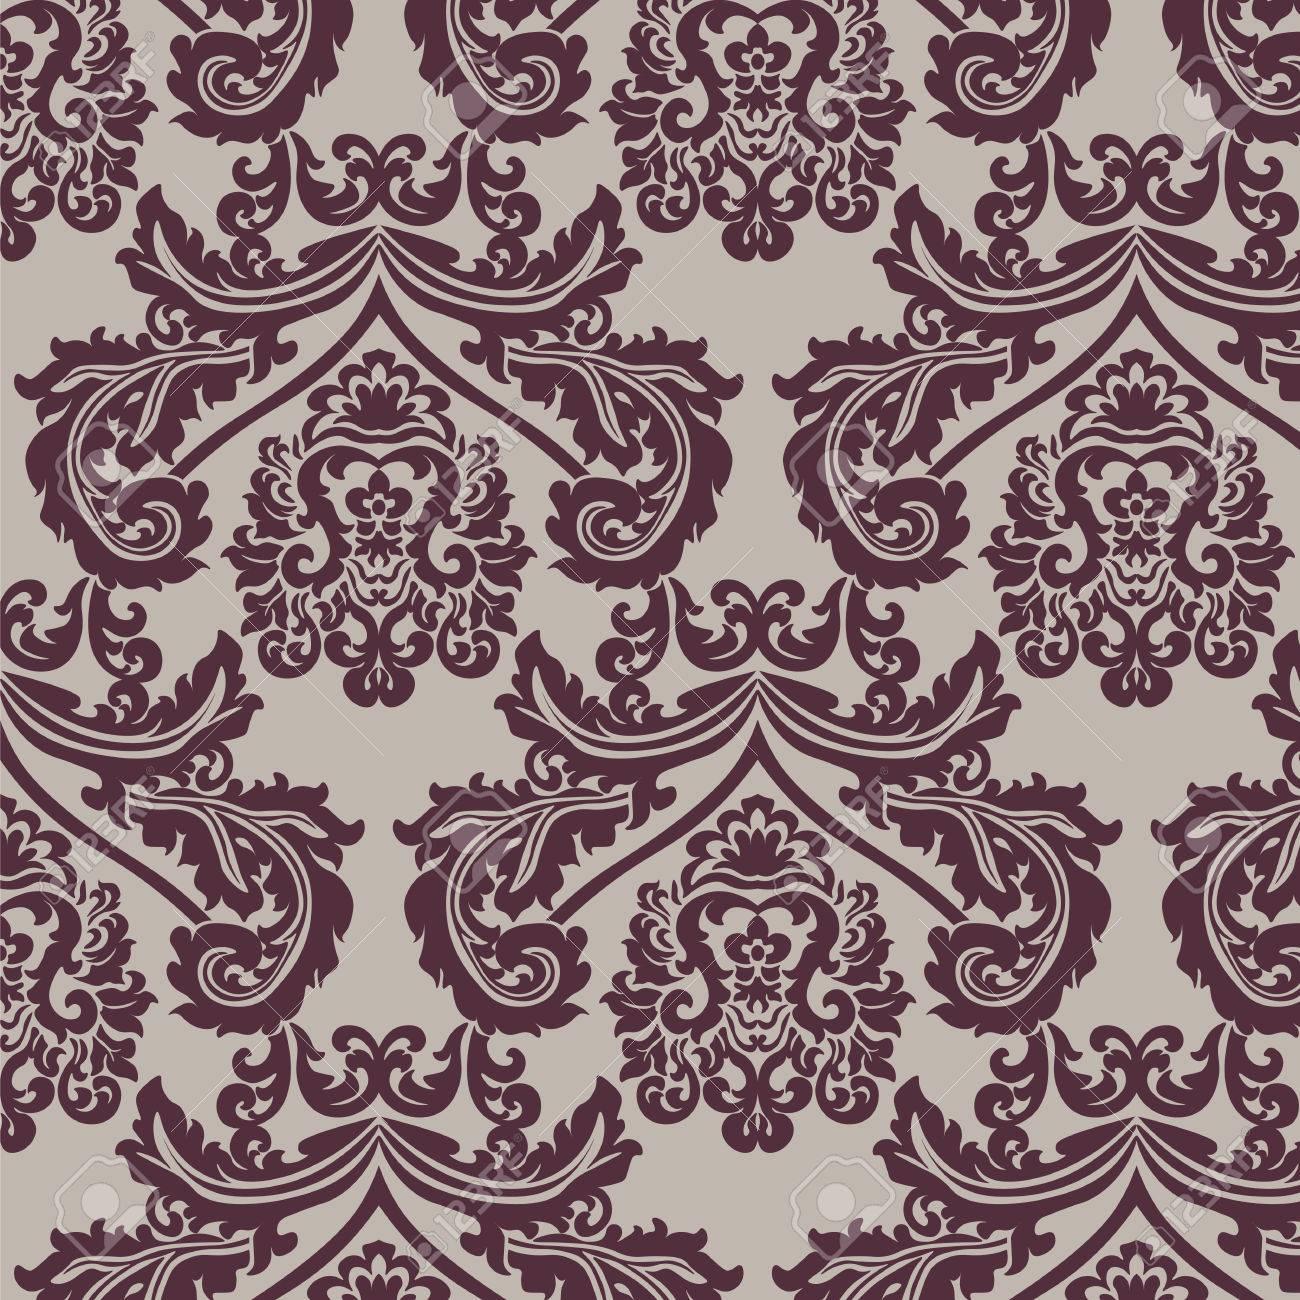 standard bild vintage damast ornament muster eleganter luxus textur fr tapeten hintergrnde und einladungskarten rot und beige farben vektor - Tapete Rot Muster